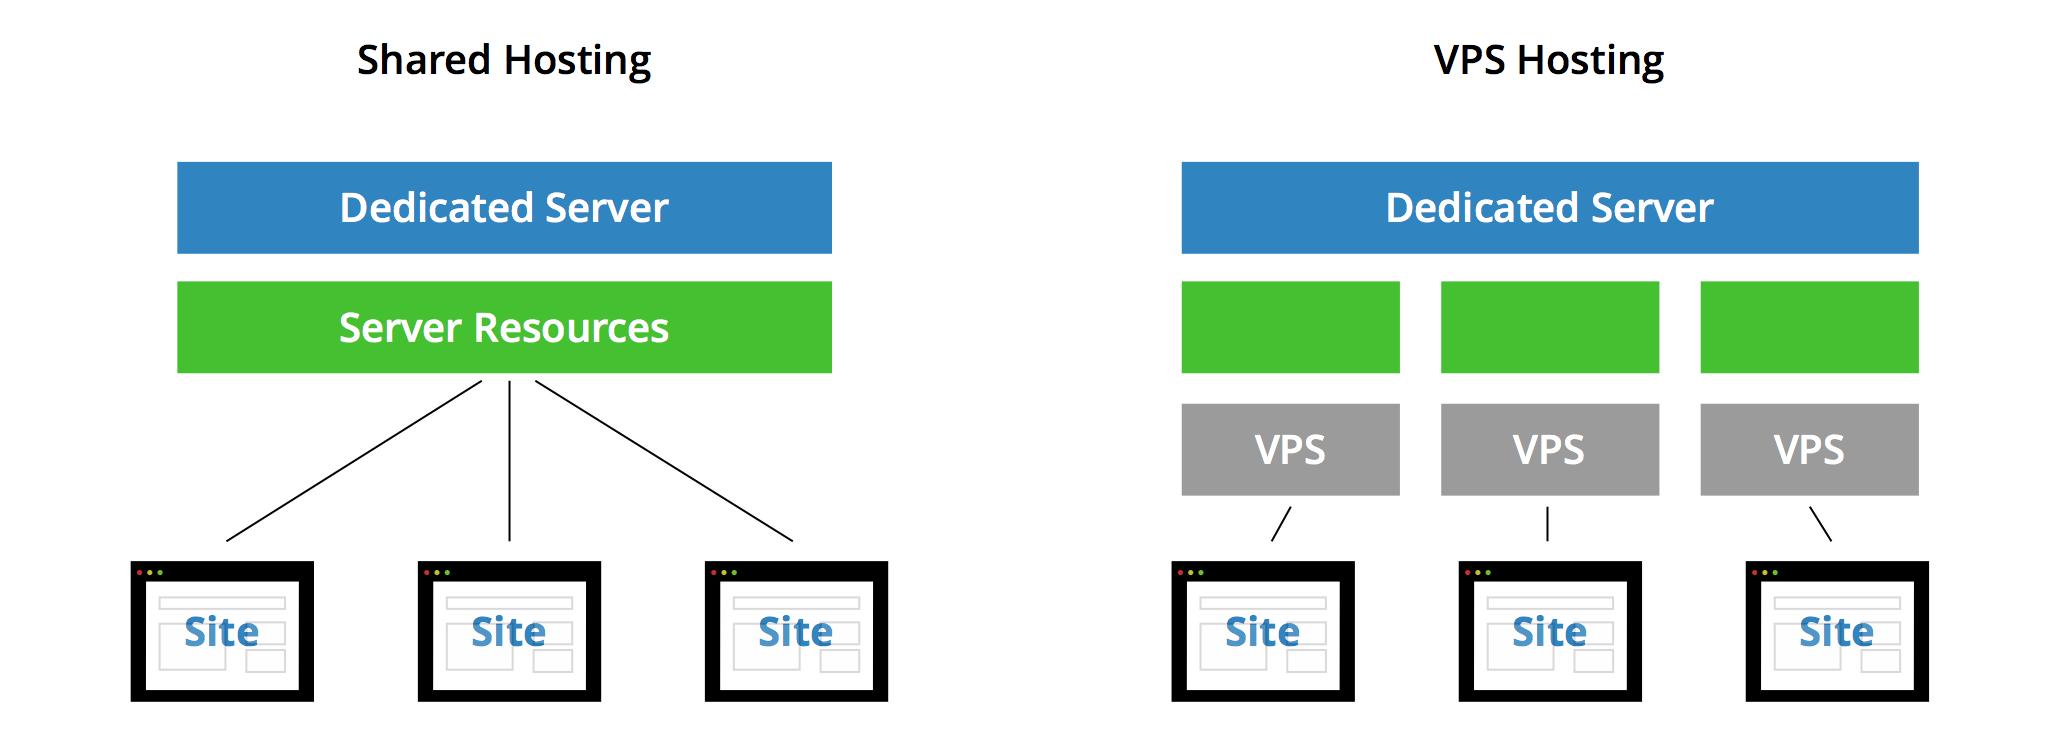 vps là gì, sự khác biệt giữa vps và shared hosting, vps giá rẻ nhất, vps giá rẻ